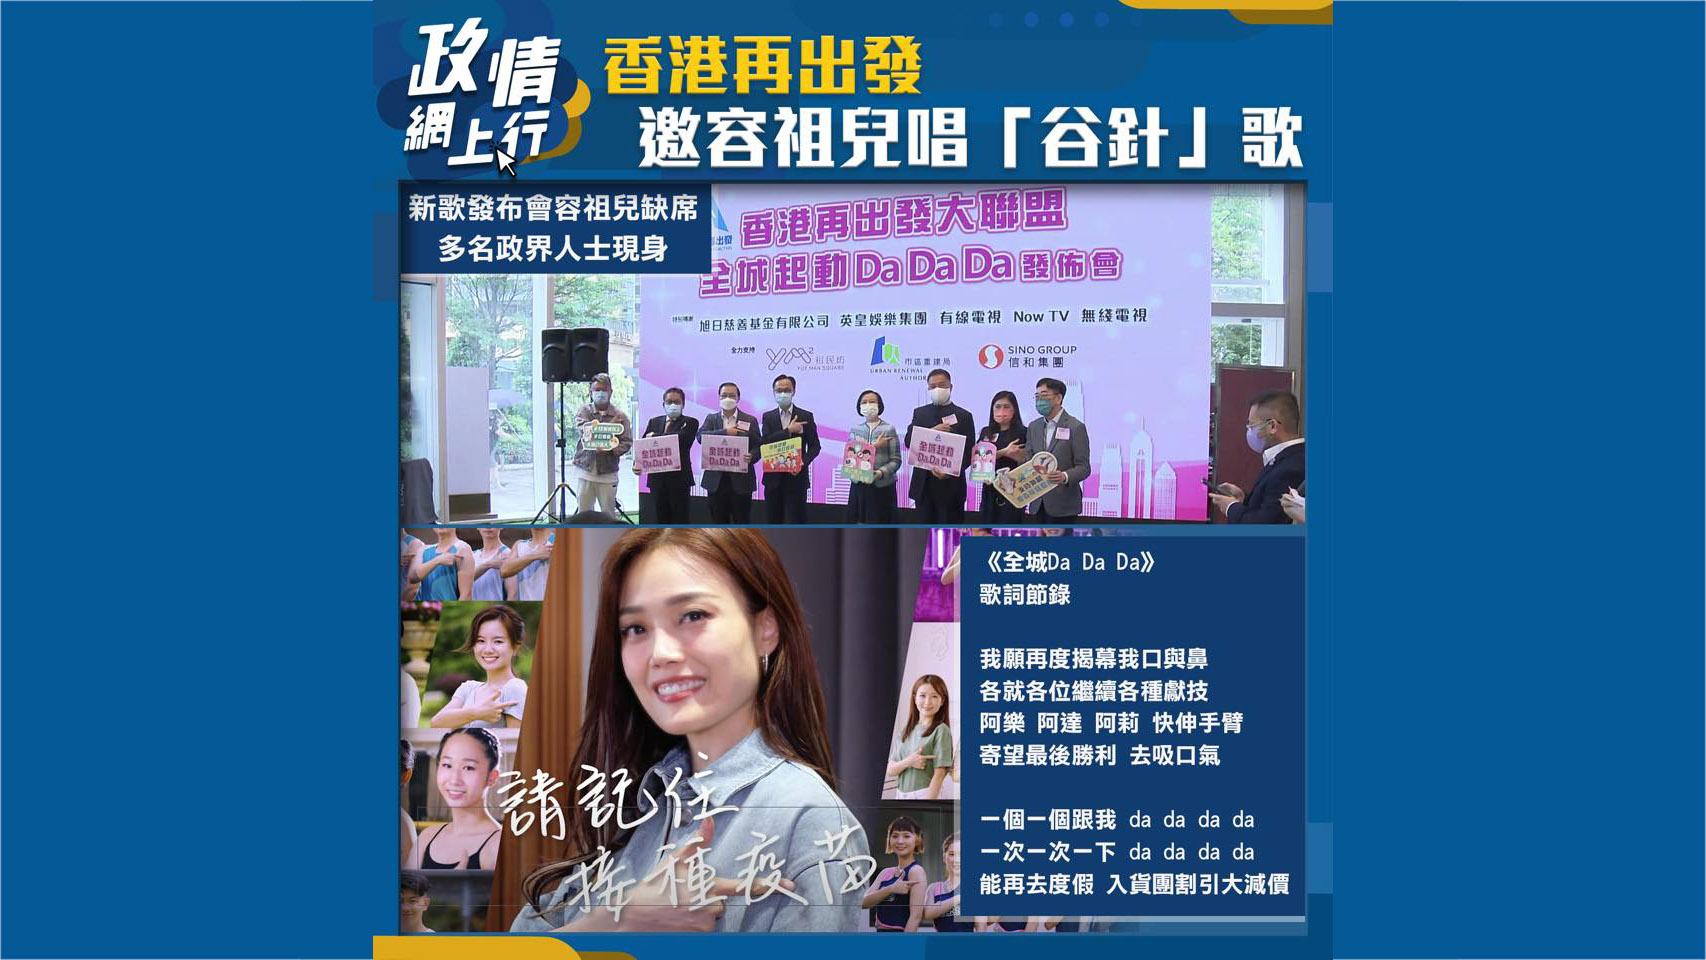 【政情網上行】香港再出發邀容祖兒唱「谷針」歌